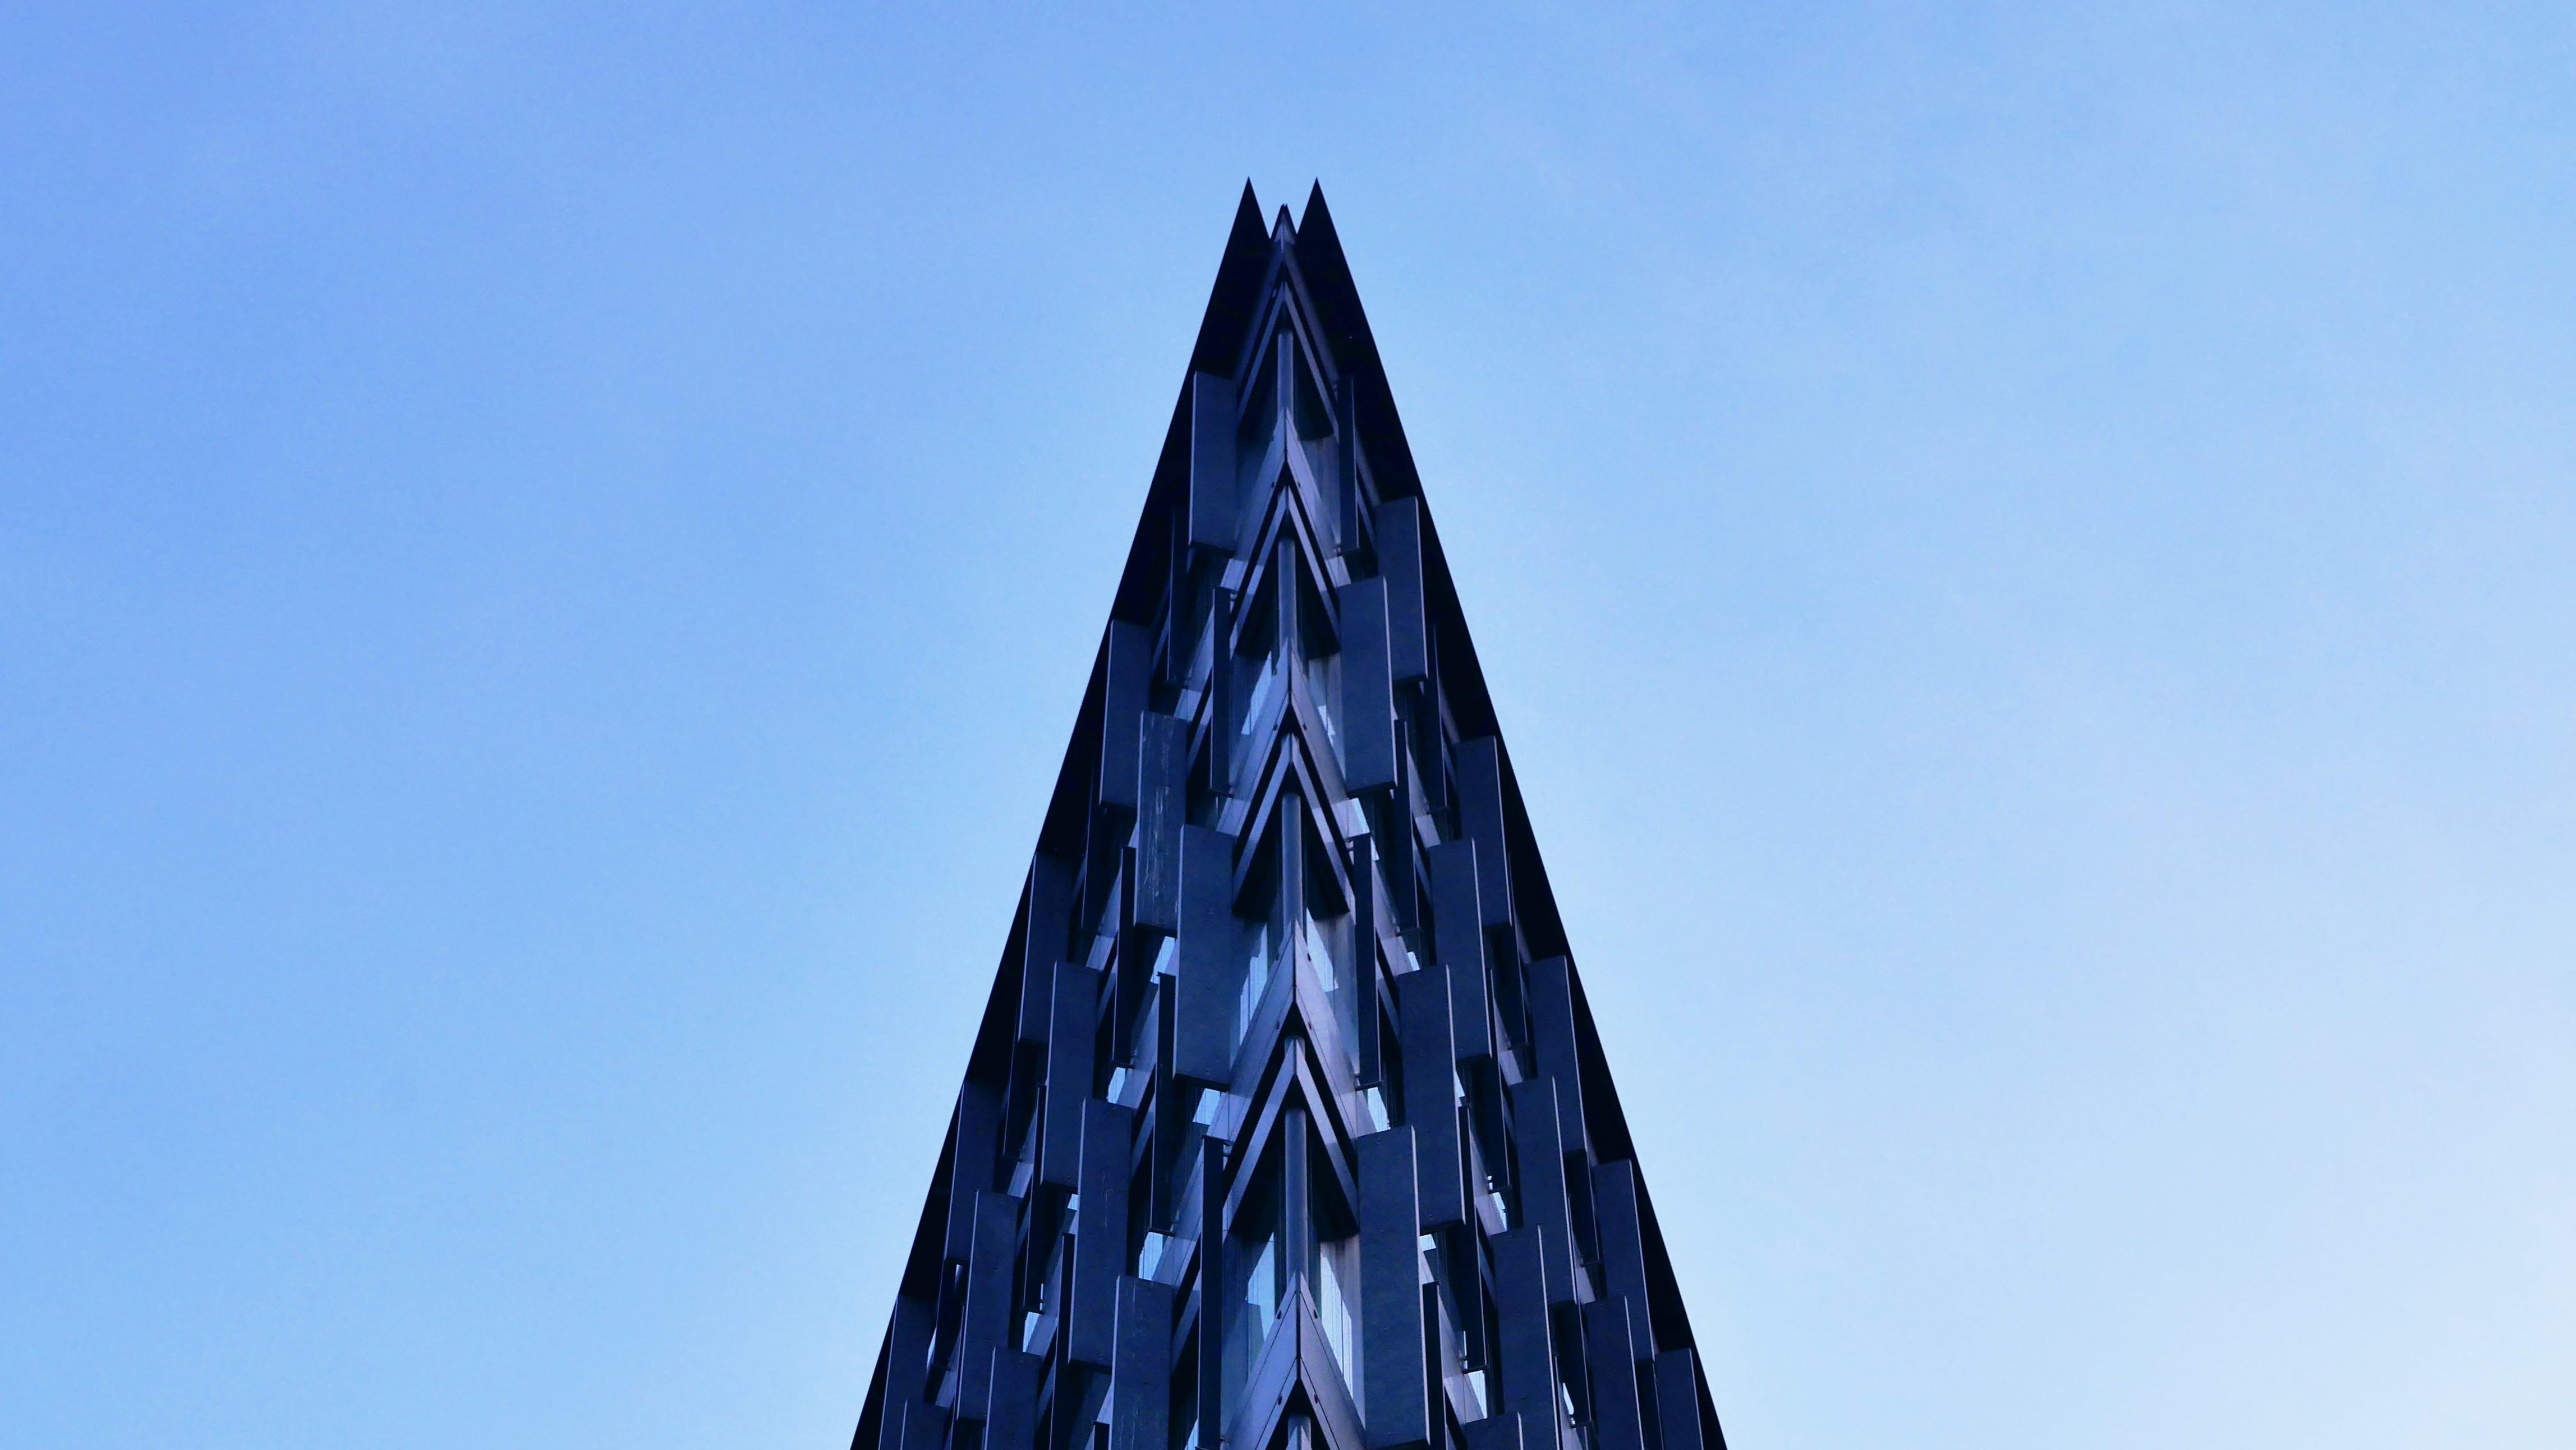 Δωρεάν στοκ φωτογραφιών με αρχιτεκτονική, Κοπεγχάγη, πύργος